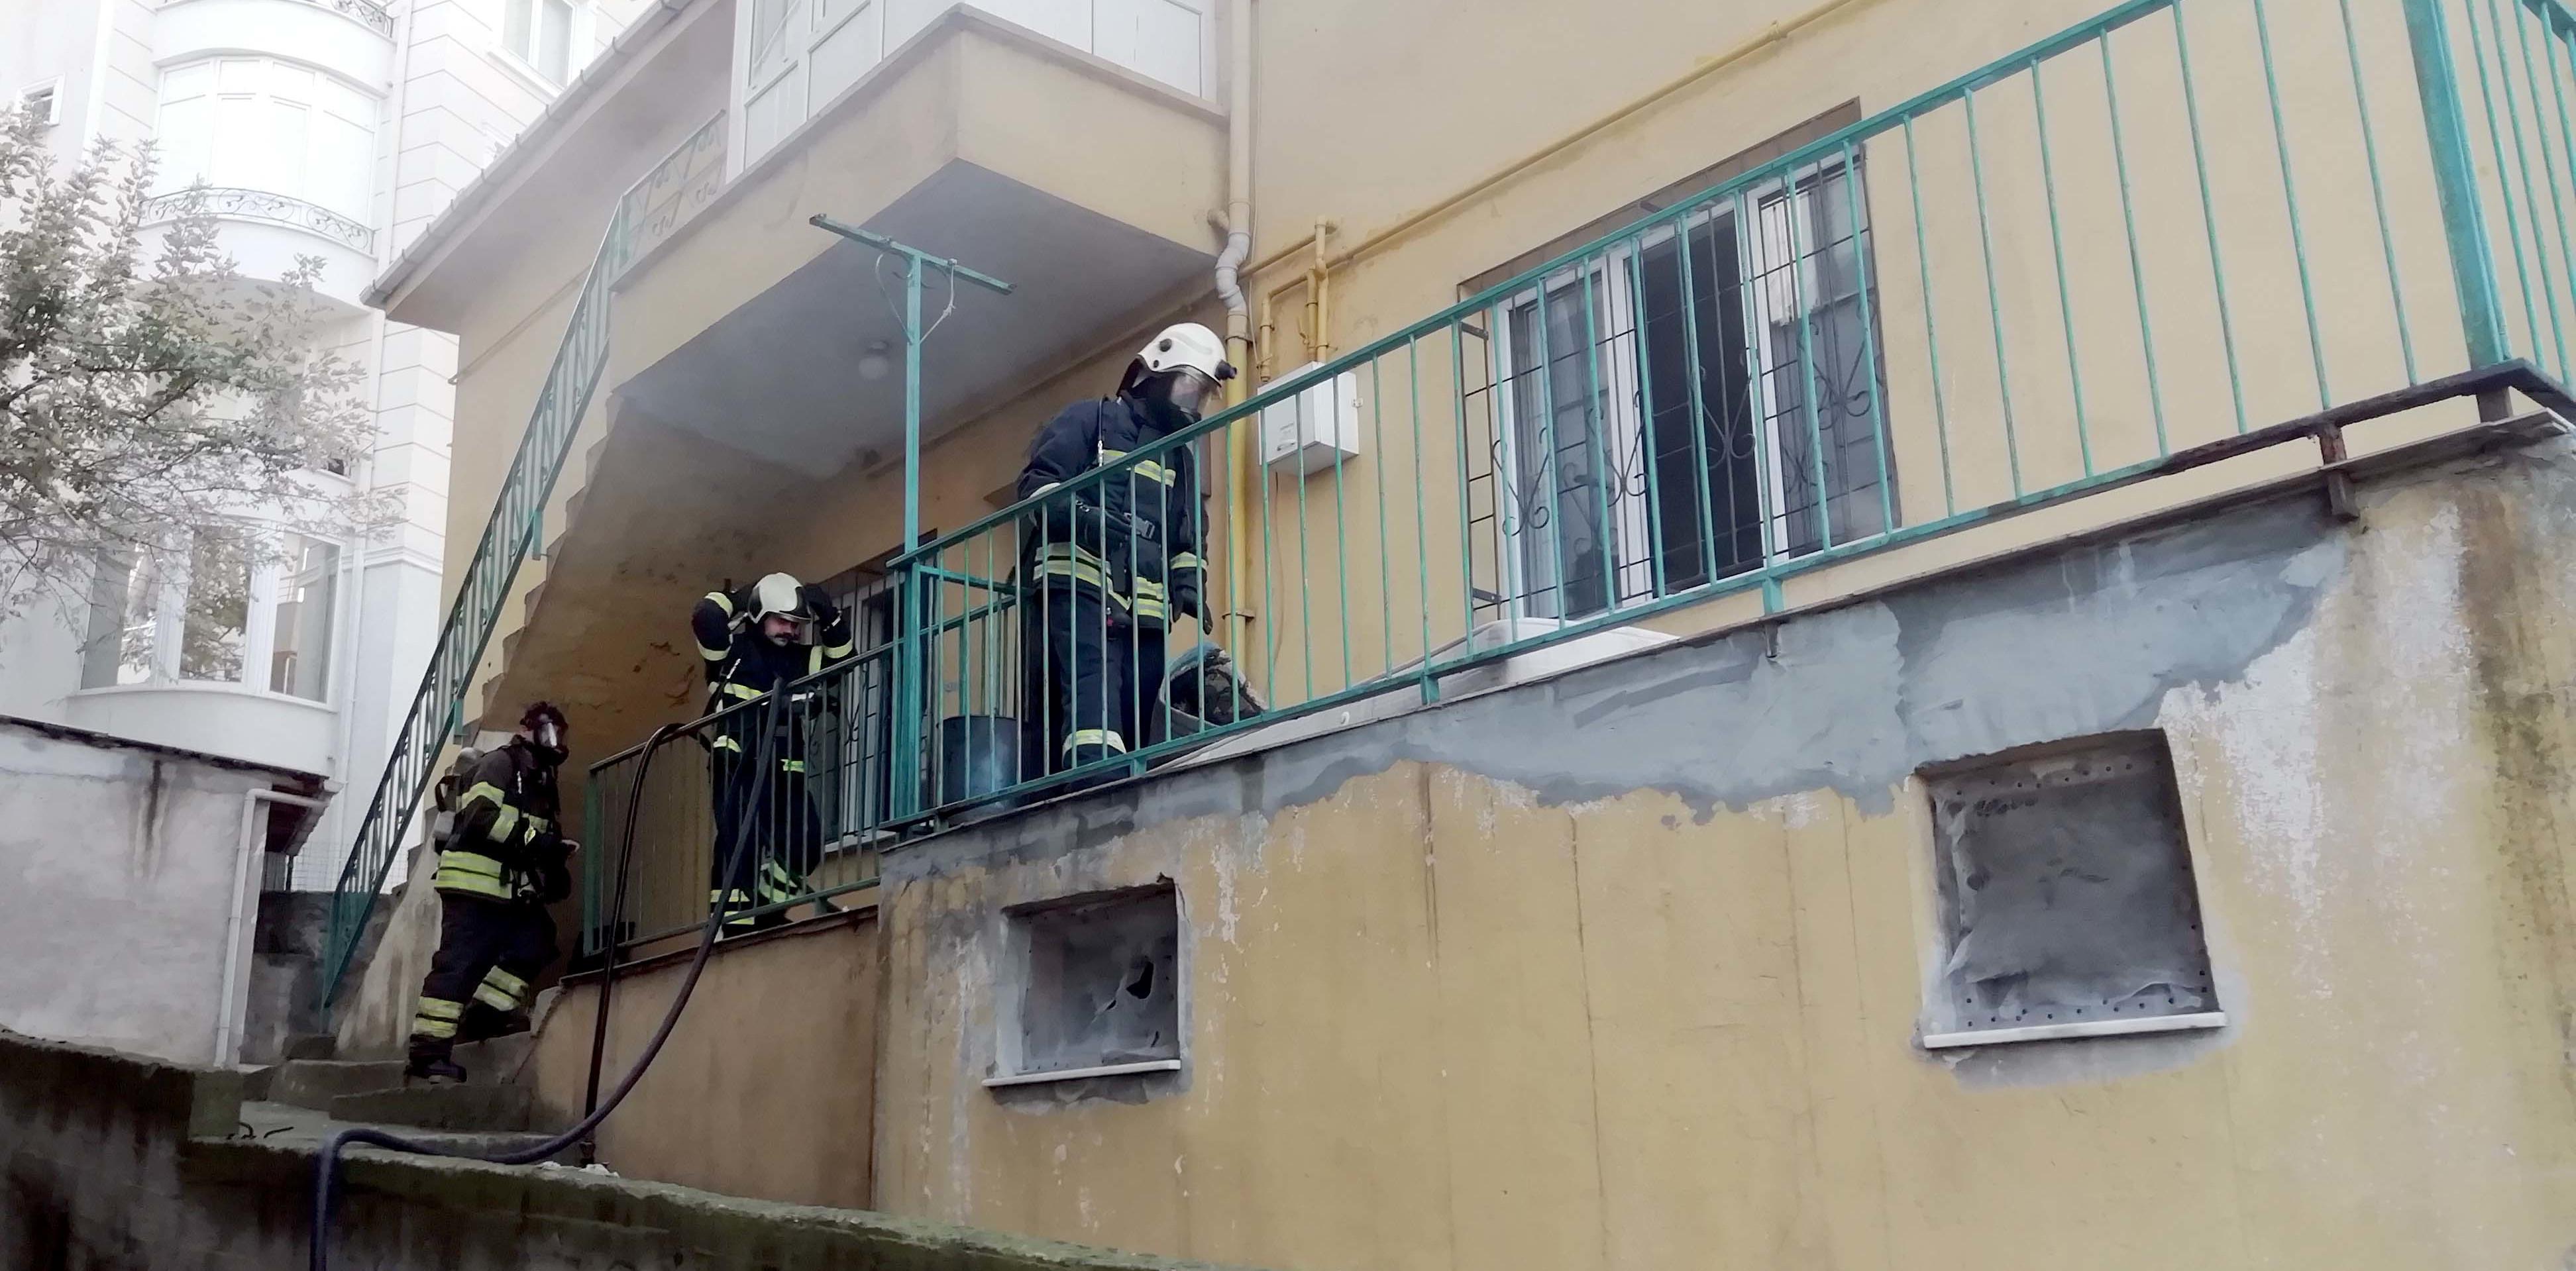 Kocaeli'de bir evde yangın çıktı: Mahsur kalan 3 çocuk kurtarıldı